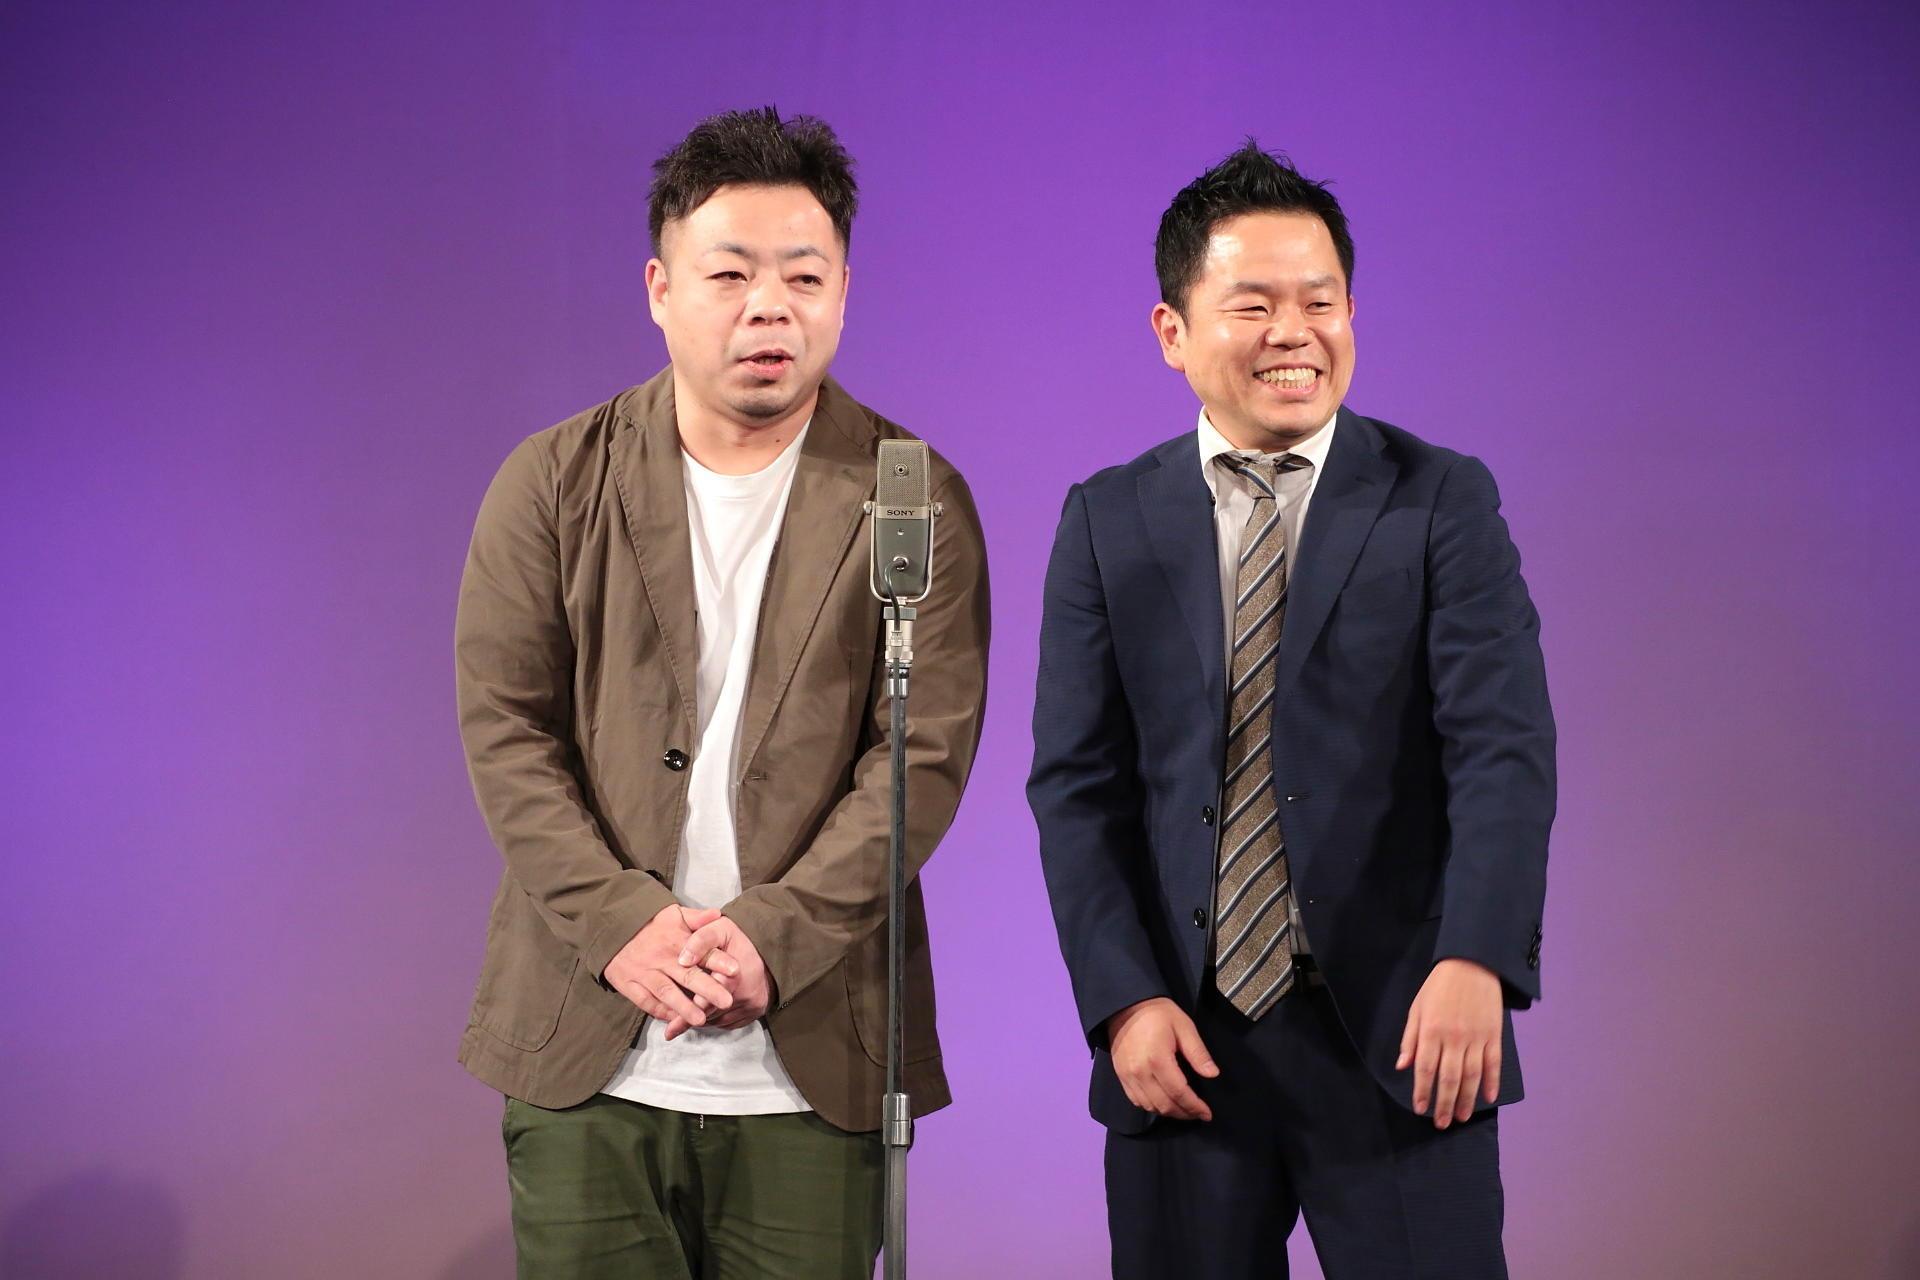 http://news.yoshimoto.co.jp/20171223170642-c1c45c4c84829b71ef1b5101cb644a4a17037172.jpg